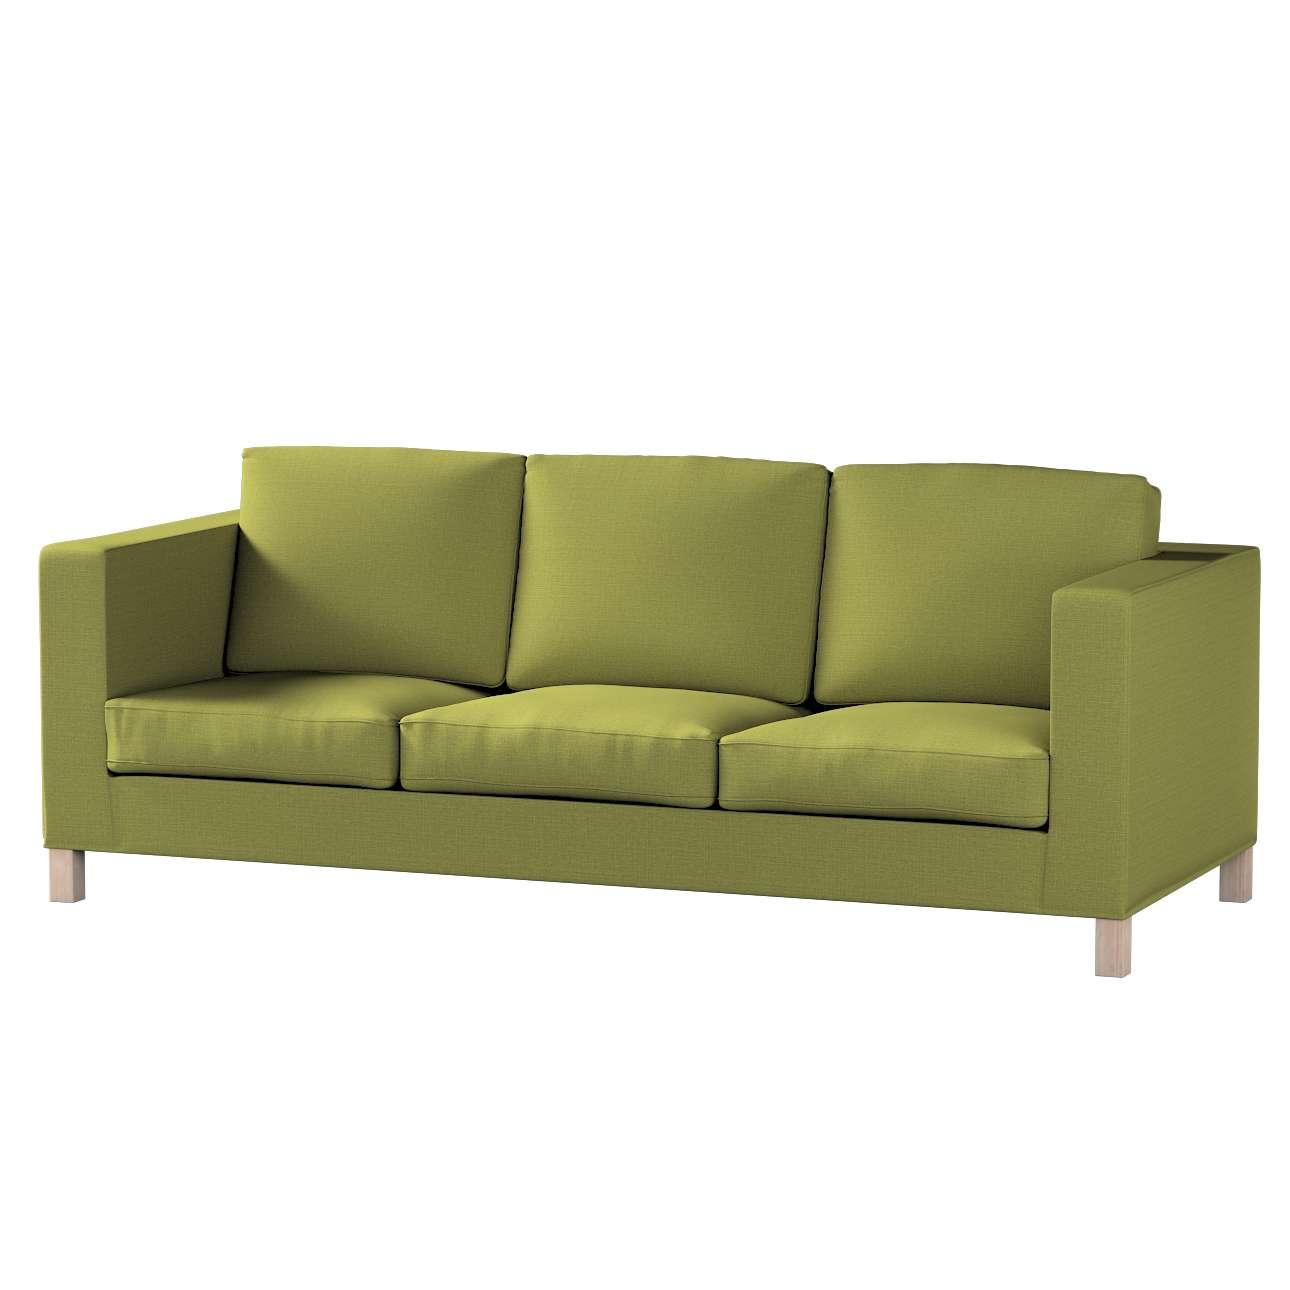 Karlanda klädsel <br>3-sits soffa - kort klädsel i kollektionen Living 2, Tyg: 161-13